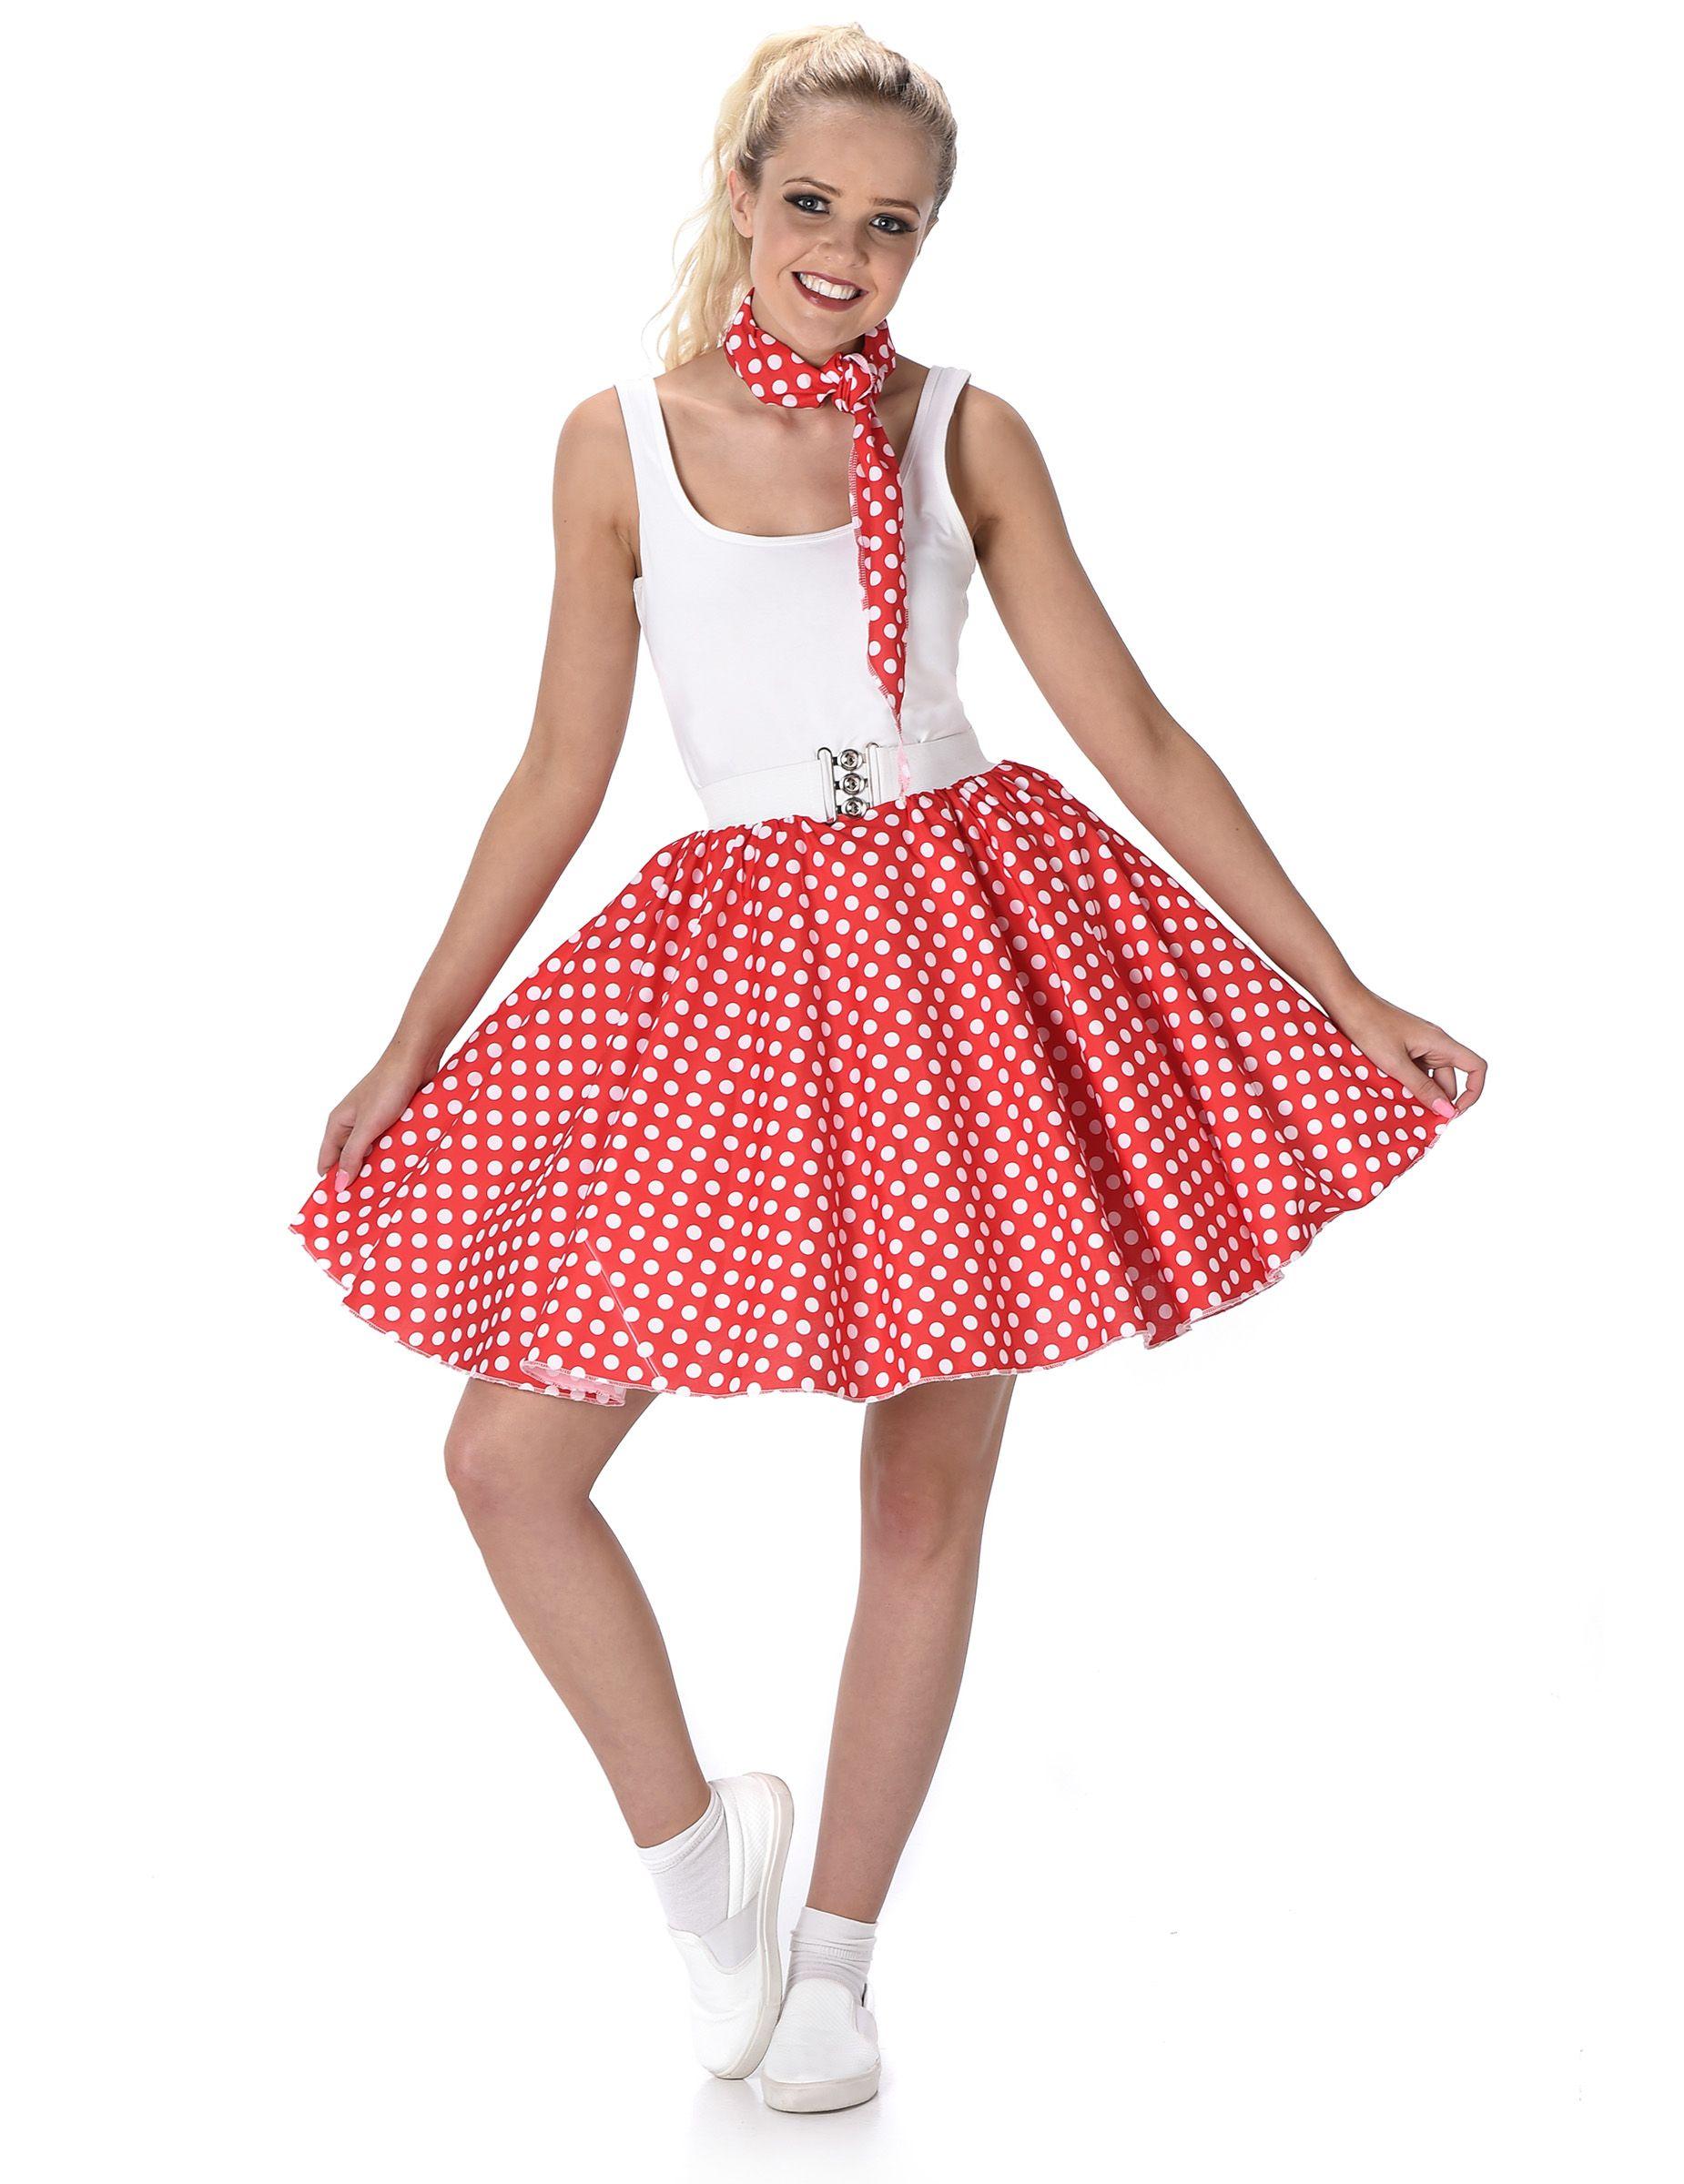 Disfraz años 50 rojo con puntos mujer: Este disfraz años 50 para mujer incluye falda